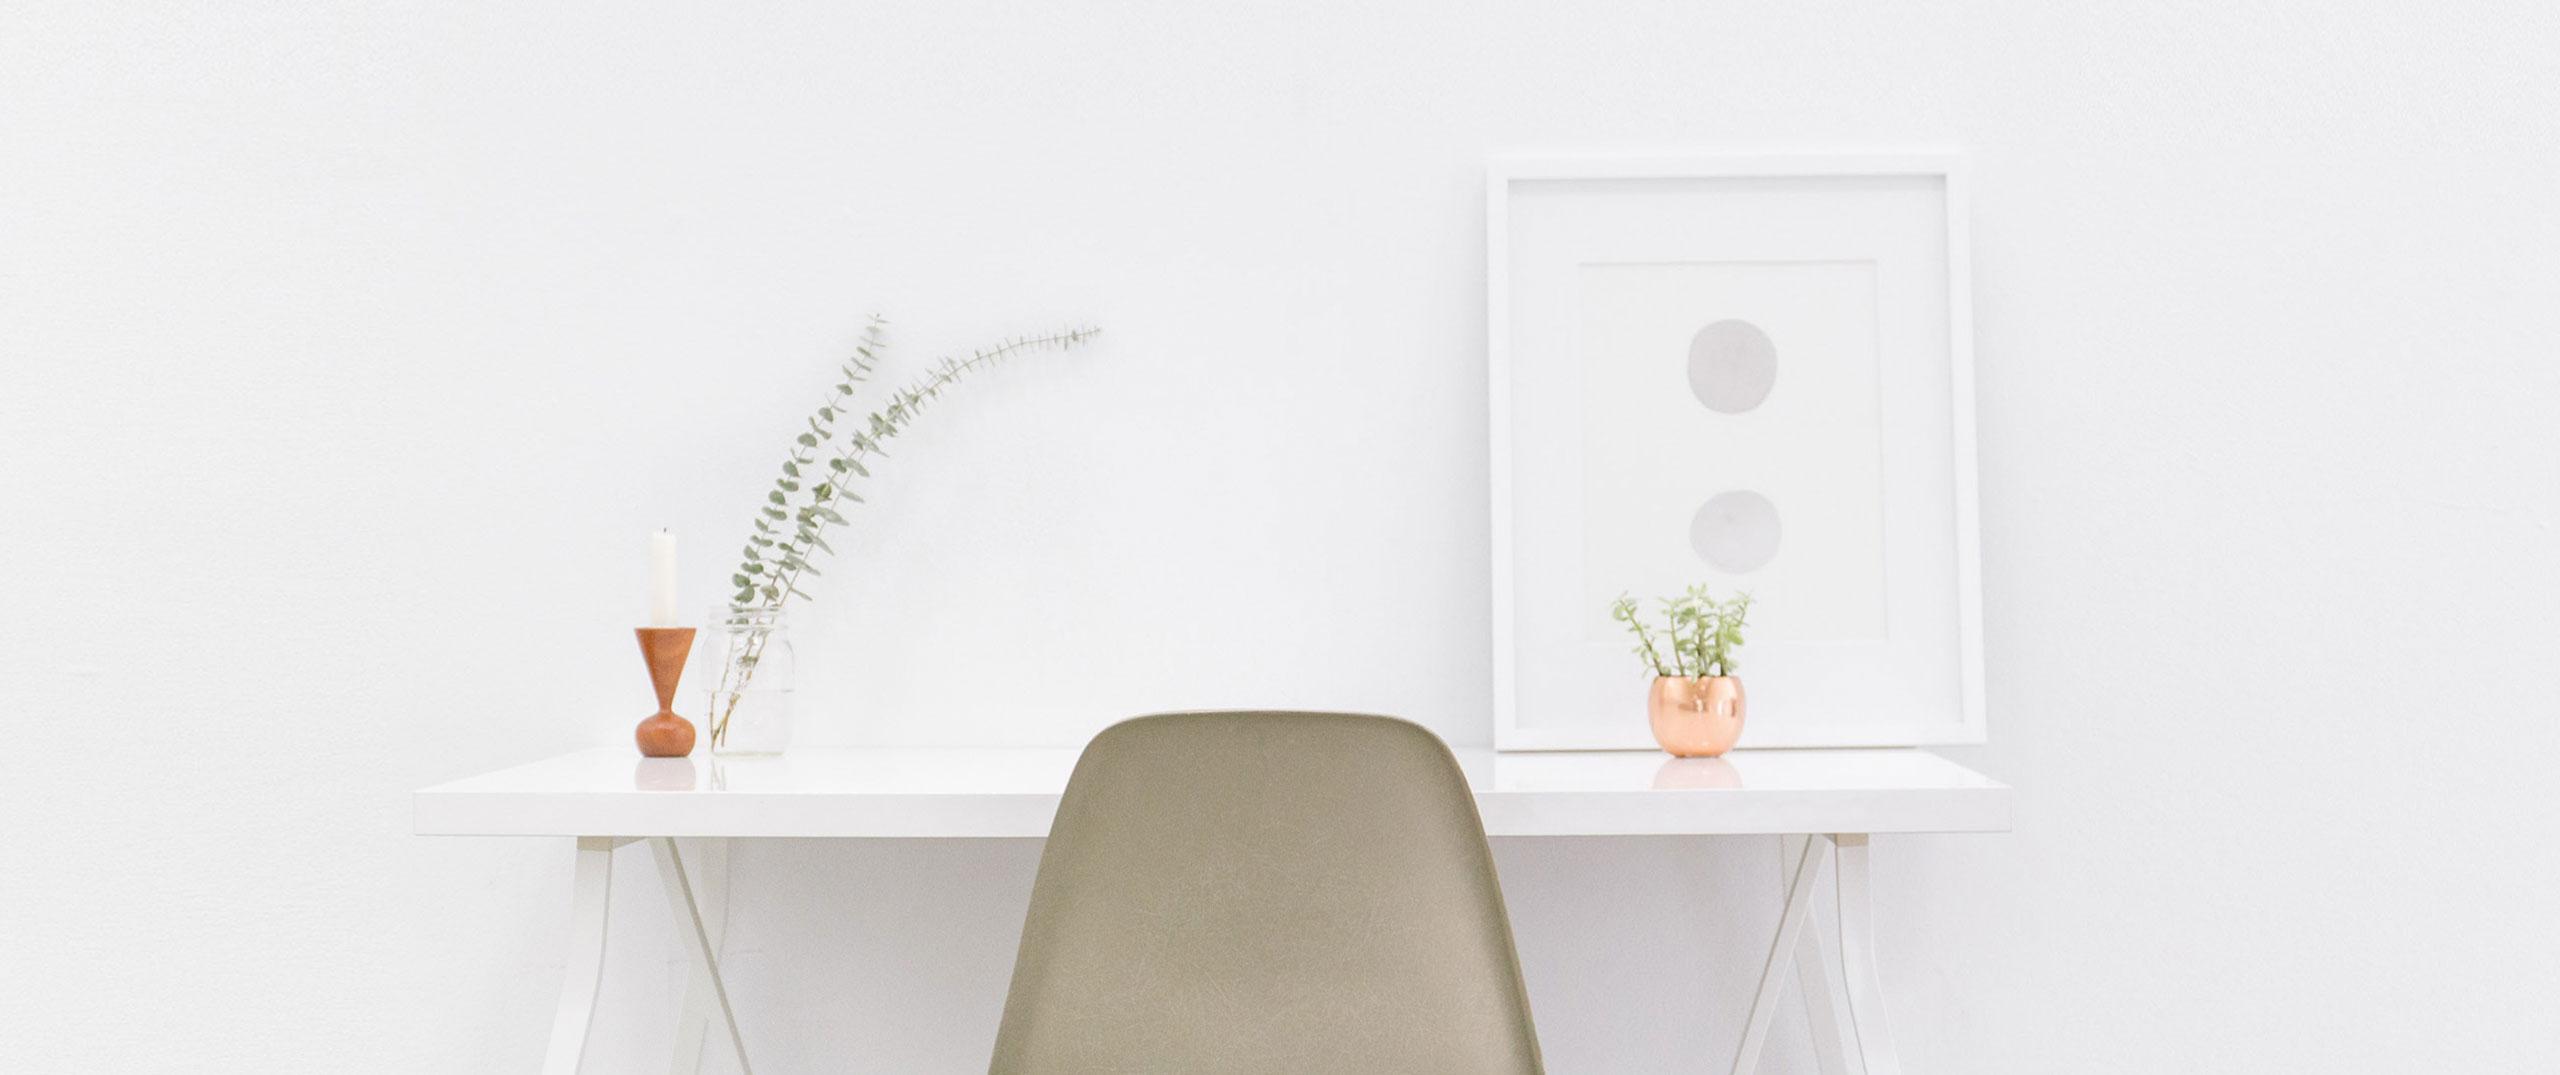 A clean white desktop with a modern beige chair